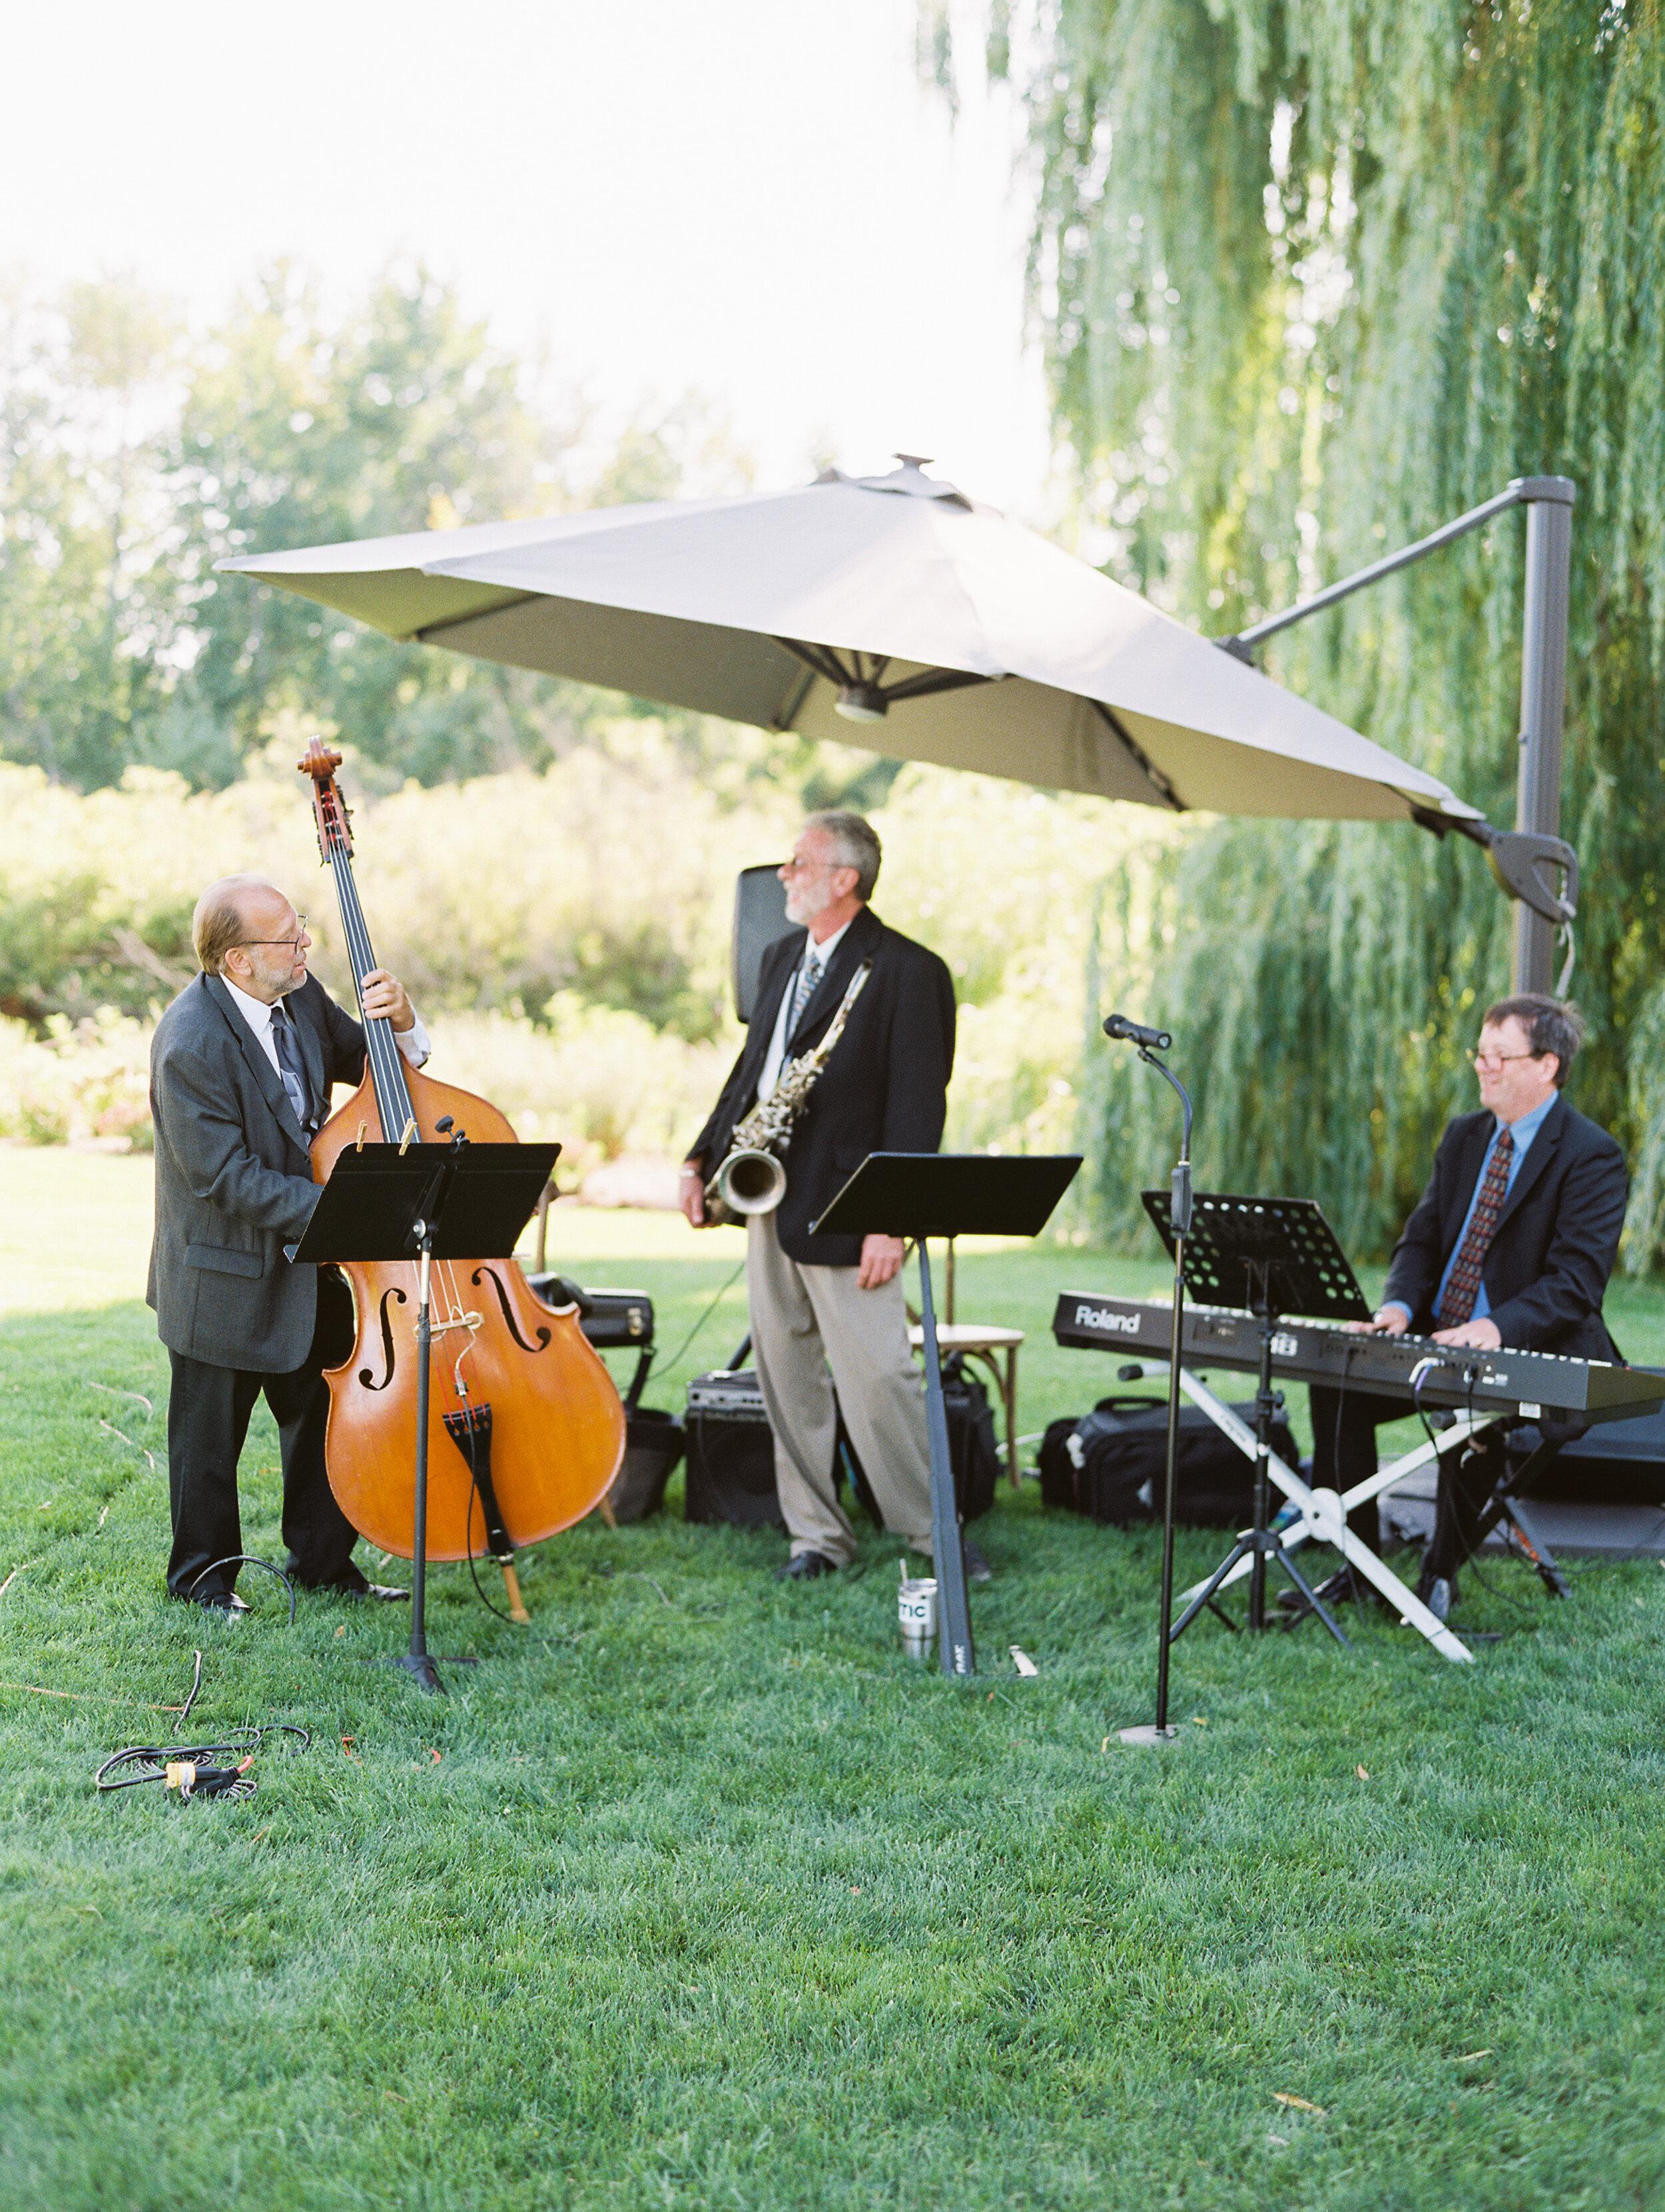 Steinlage+Wedding+Ceremony-52.jpg